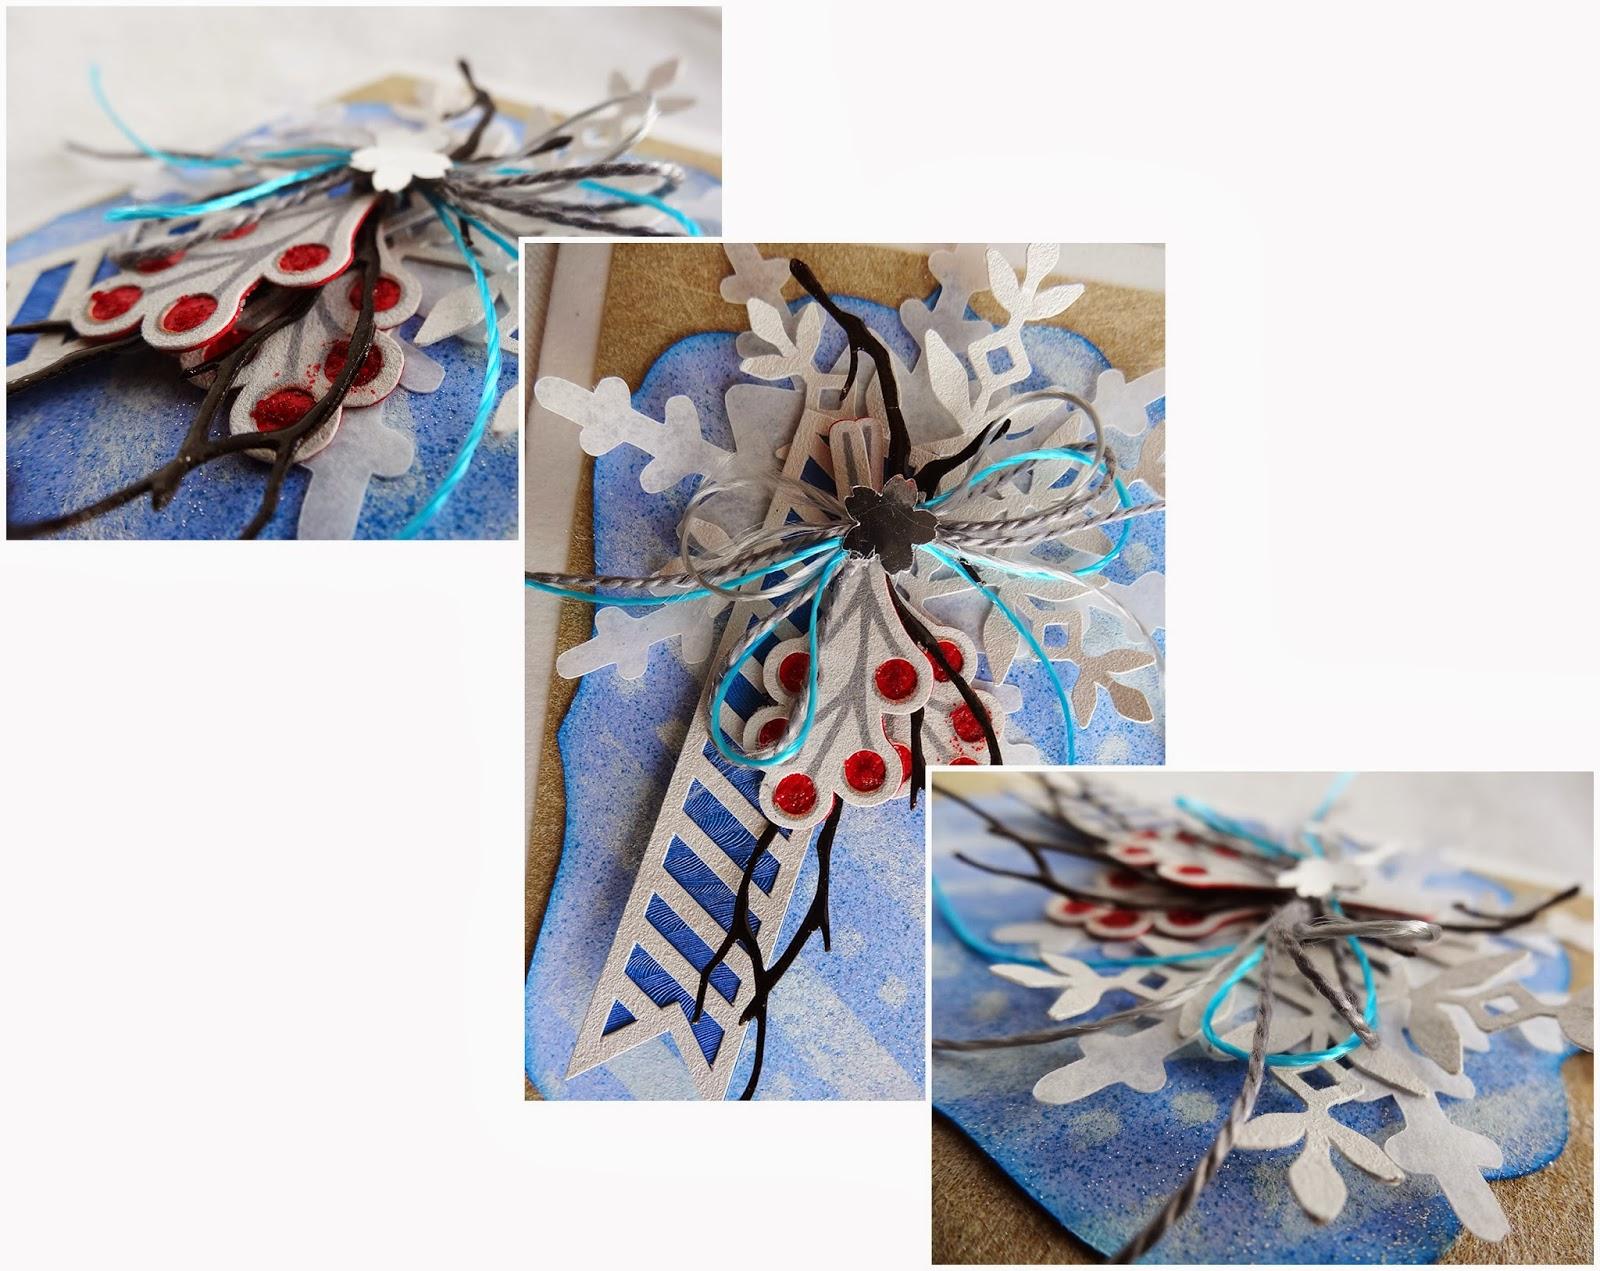 Papier peint expansé sur intissé Uni pailleté Beige  - Papier Peint Beige Pailleté